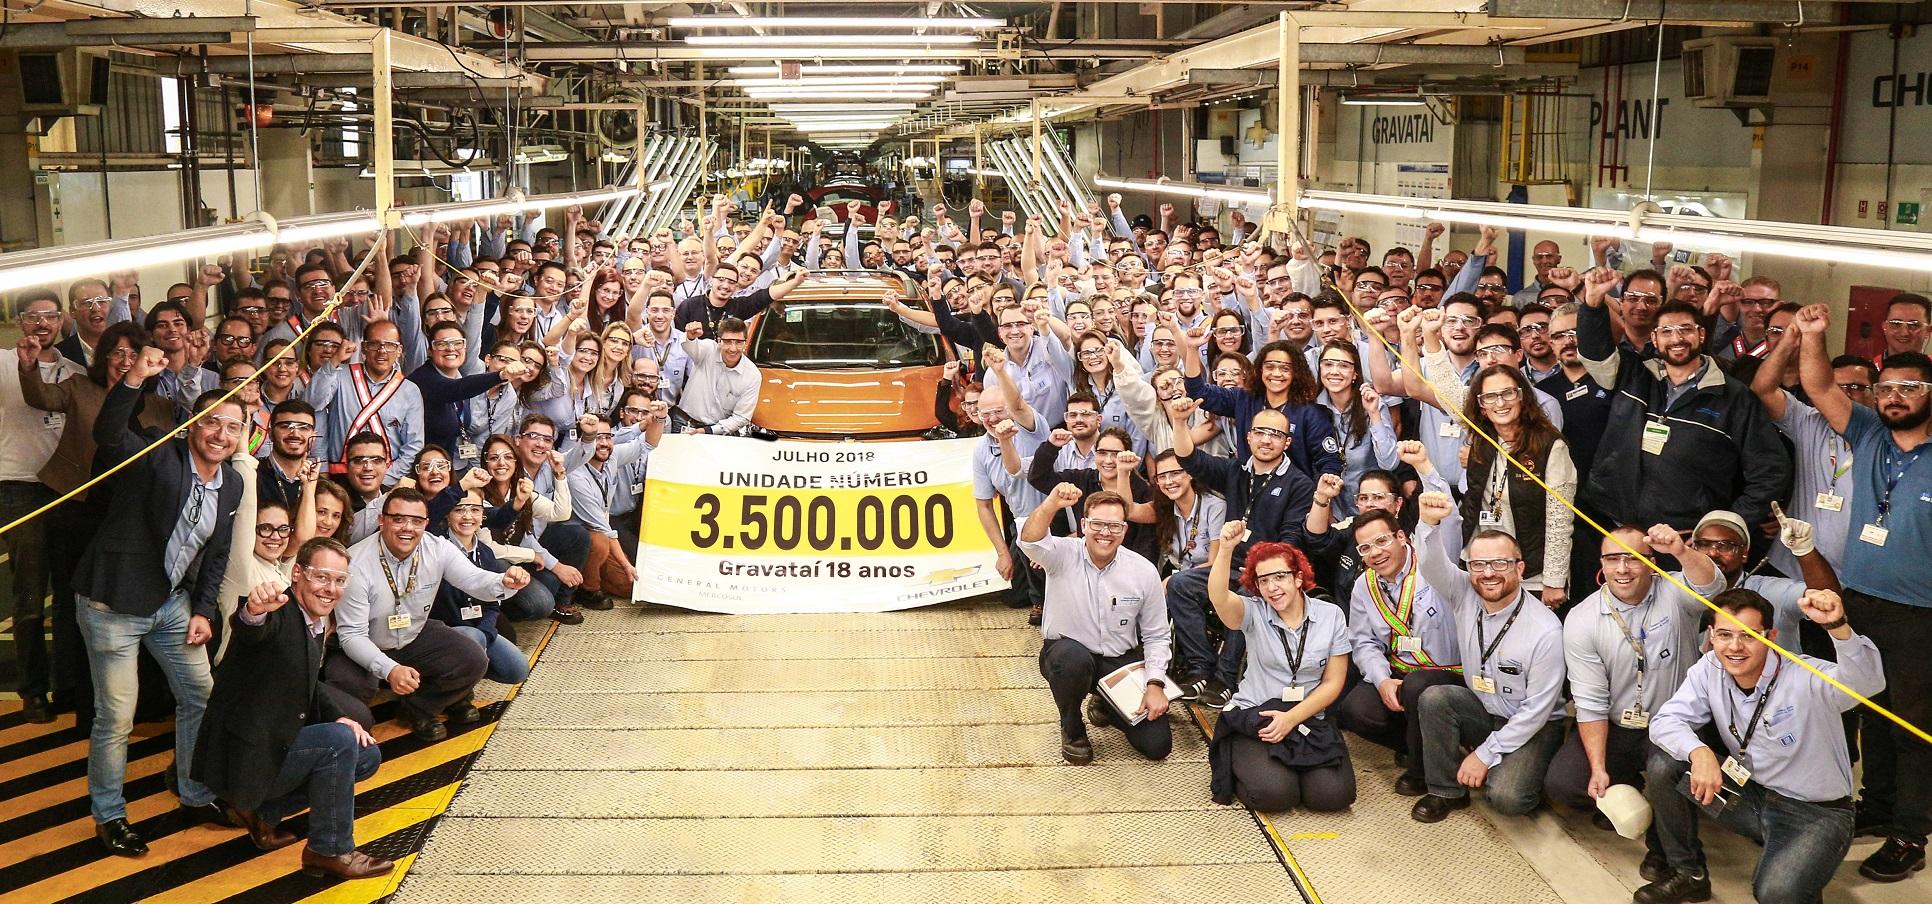 Fábrica da Chevrolet em Gravataí completa 18 anos e celebra produção do carro nº 3,5 milhões